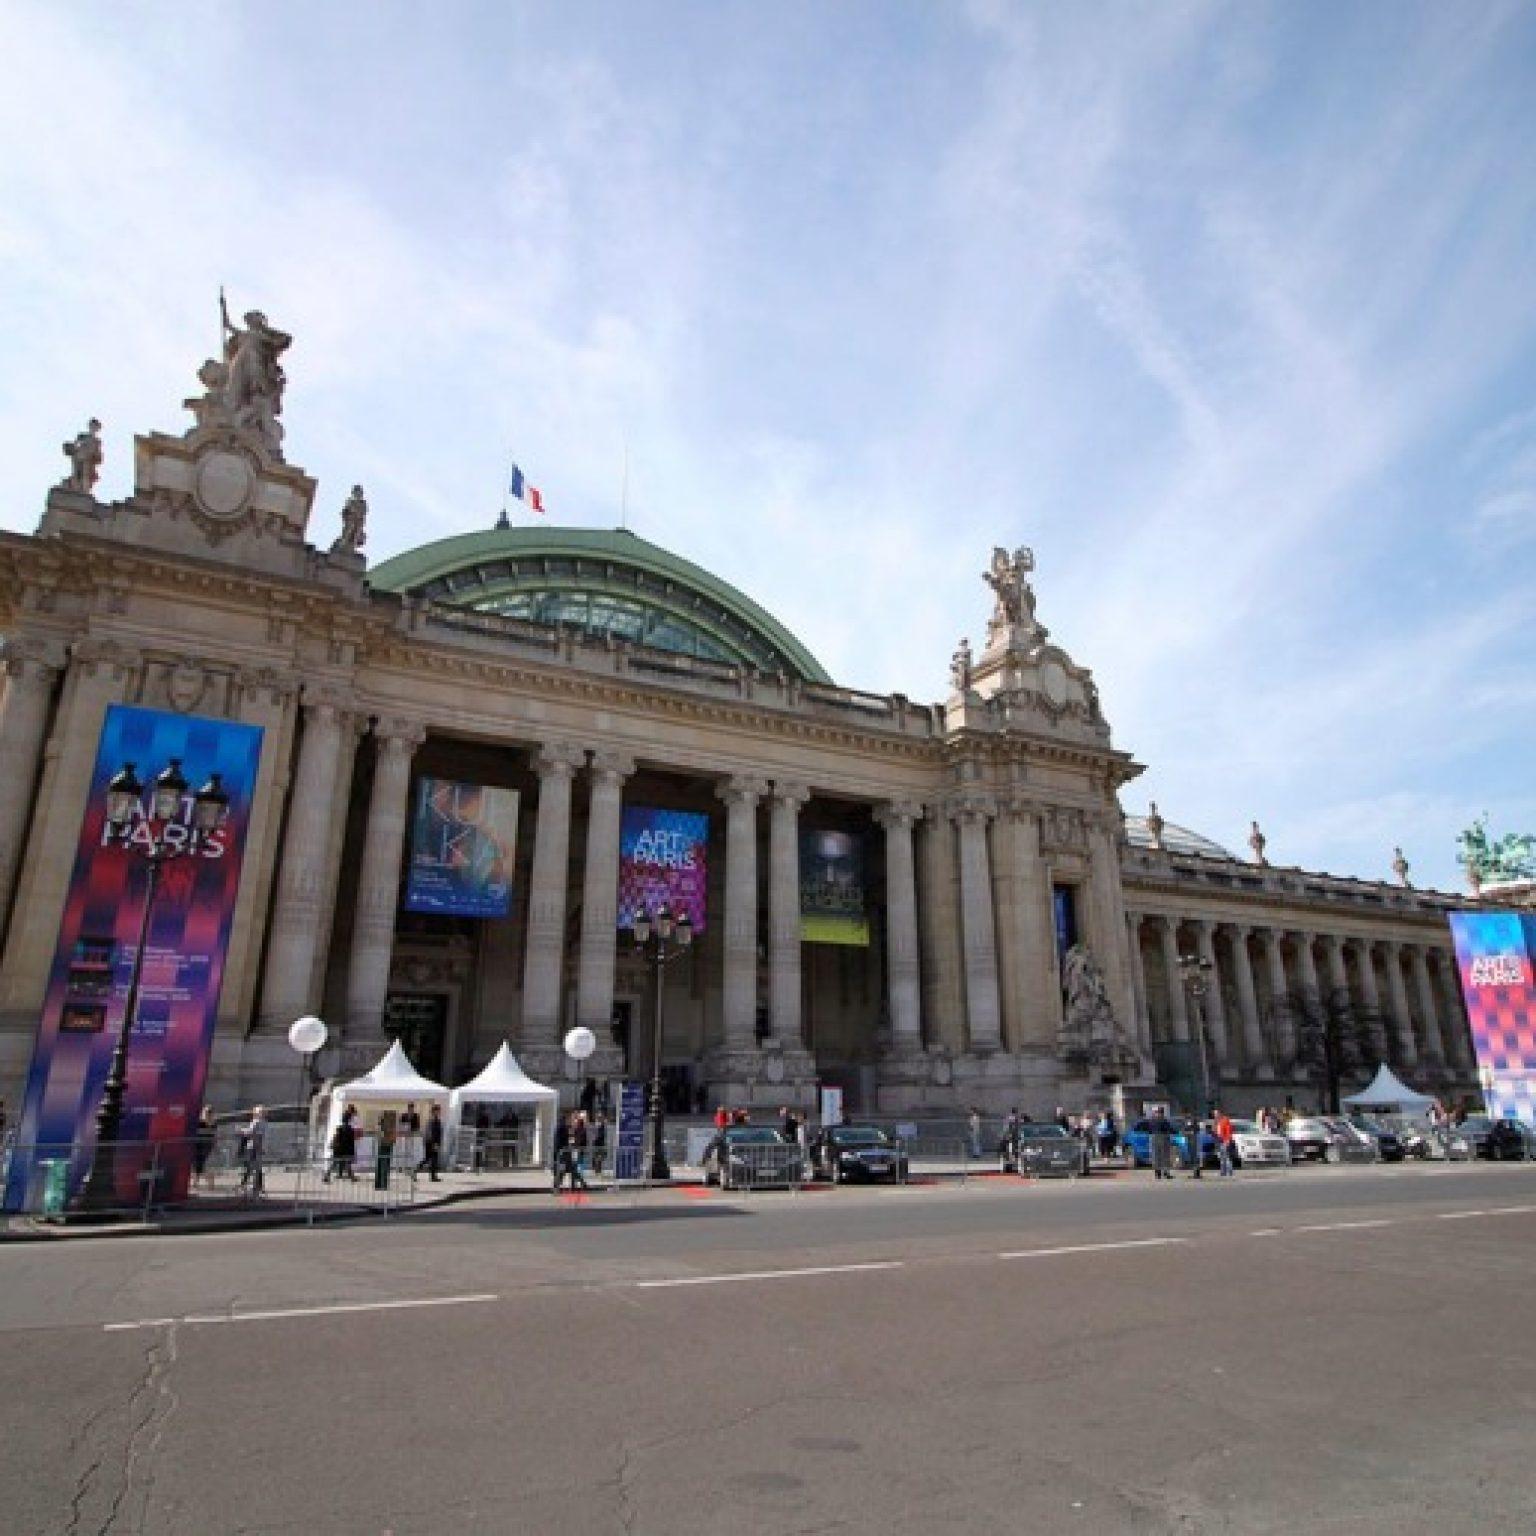 Достопримечательности Парижа: Большой дворец